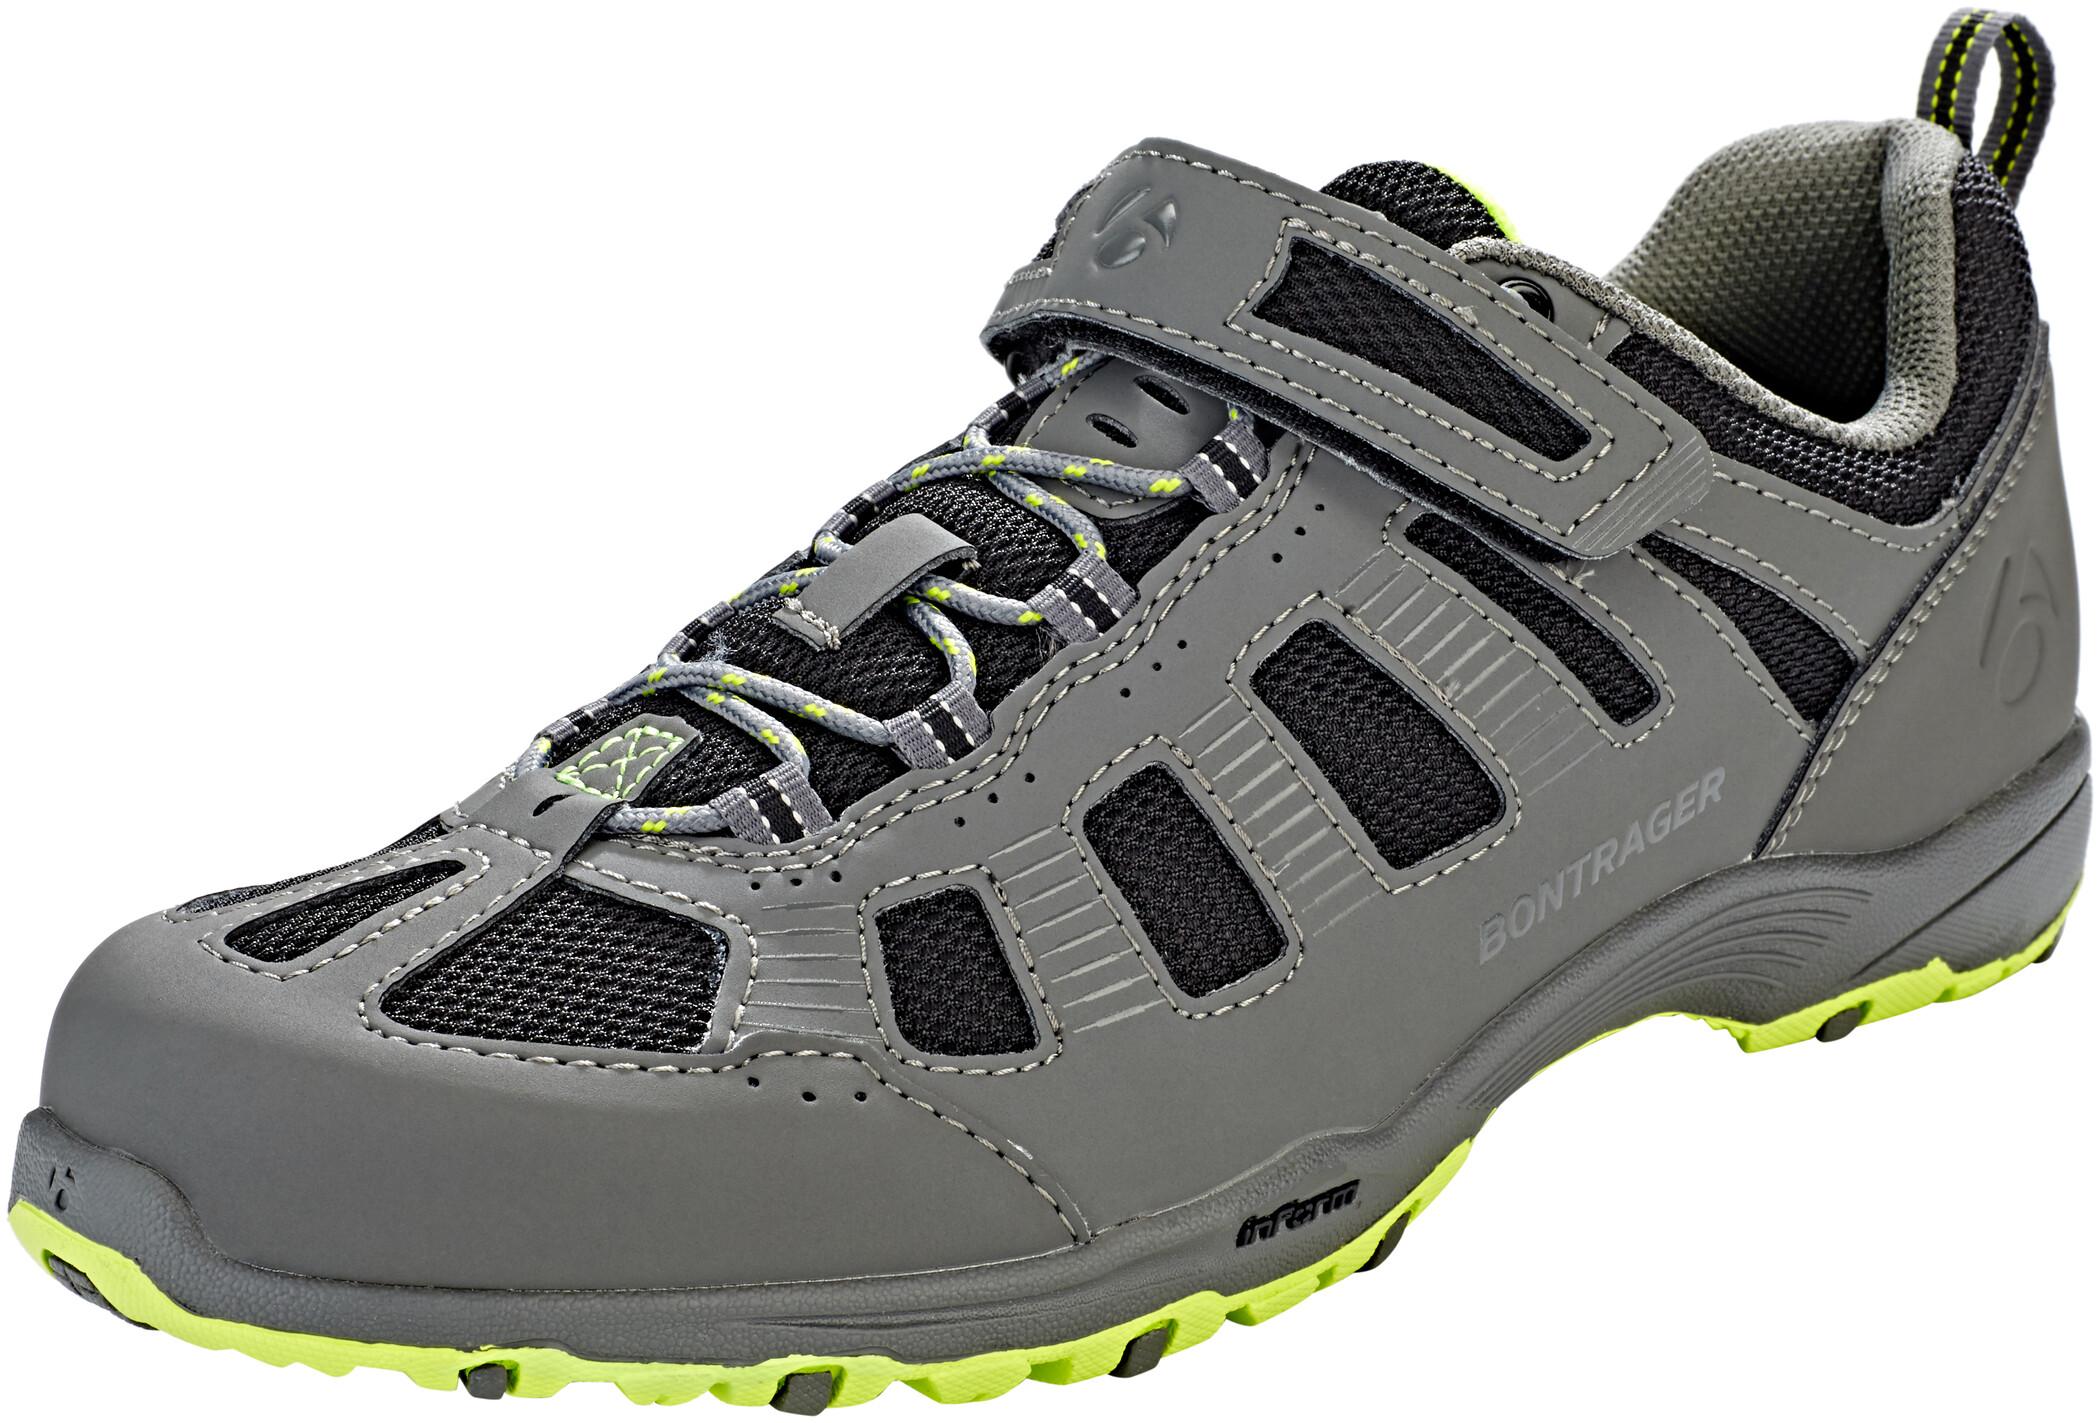 Bontrager SSR Multisport Sko Herrer, graphite | Shoes and overlays